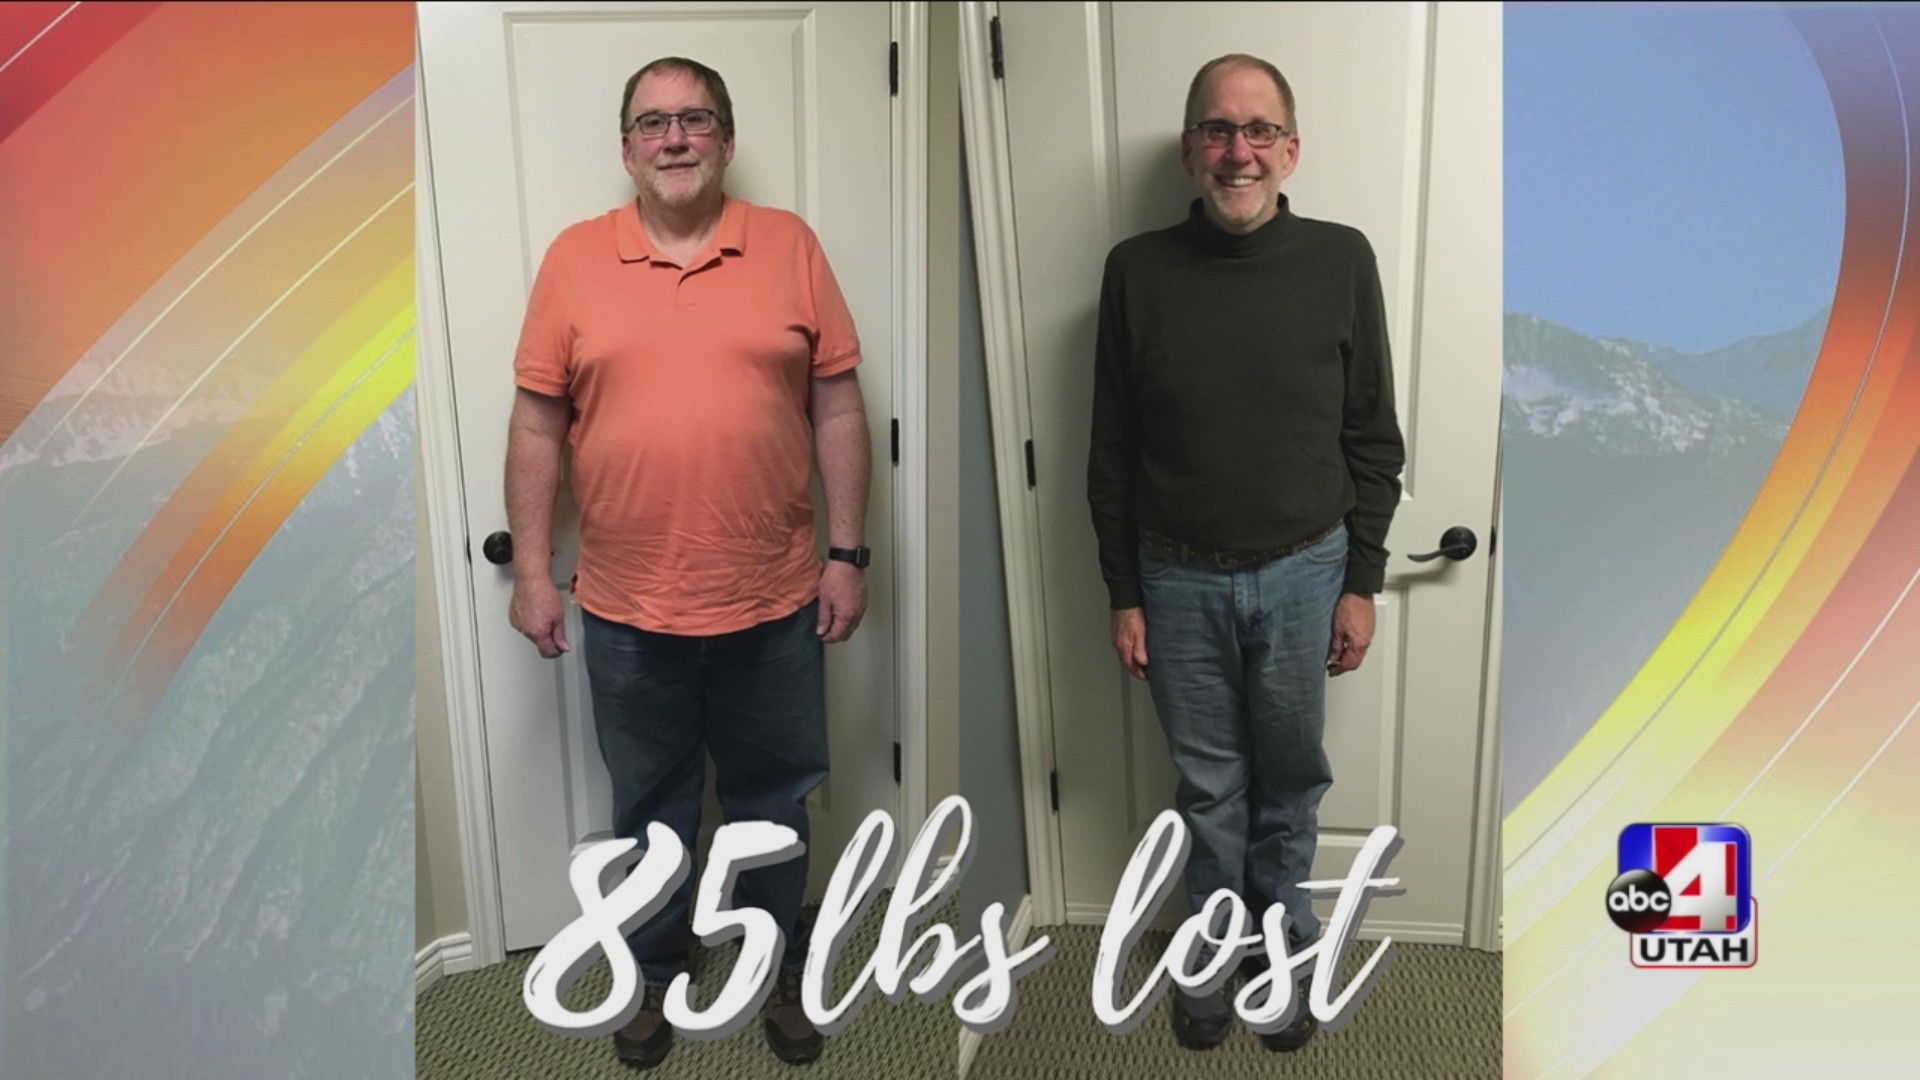 Dr Kells Weight Loss